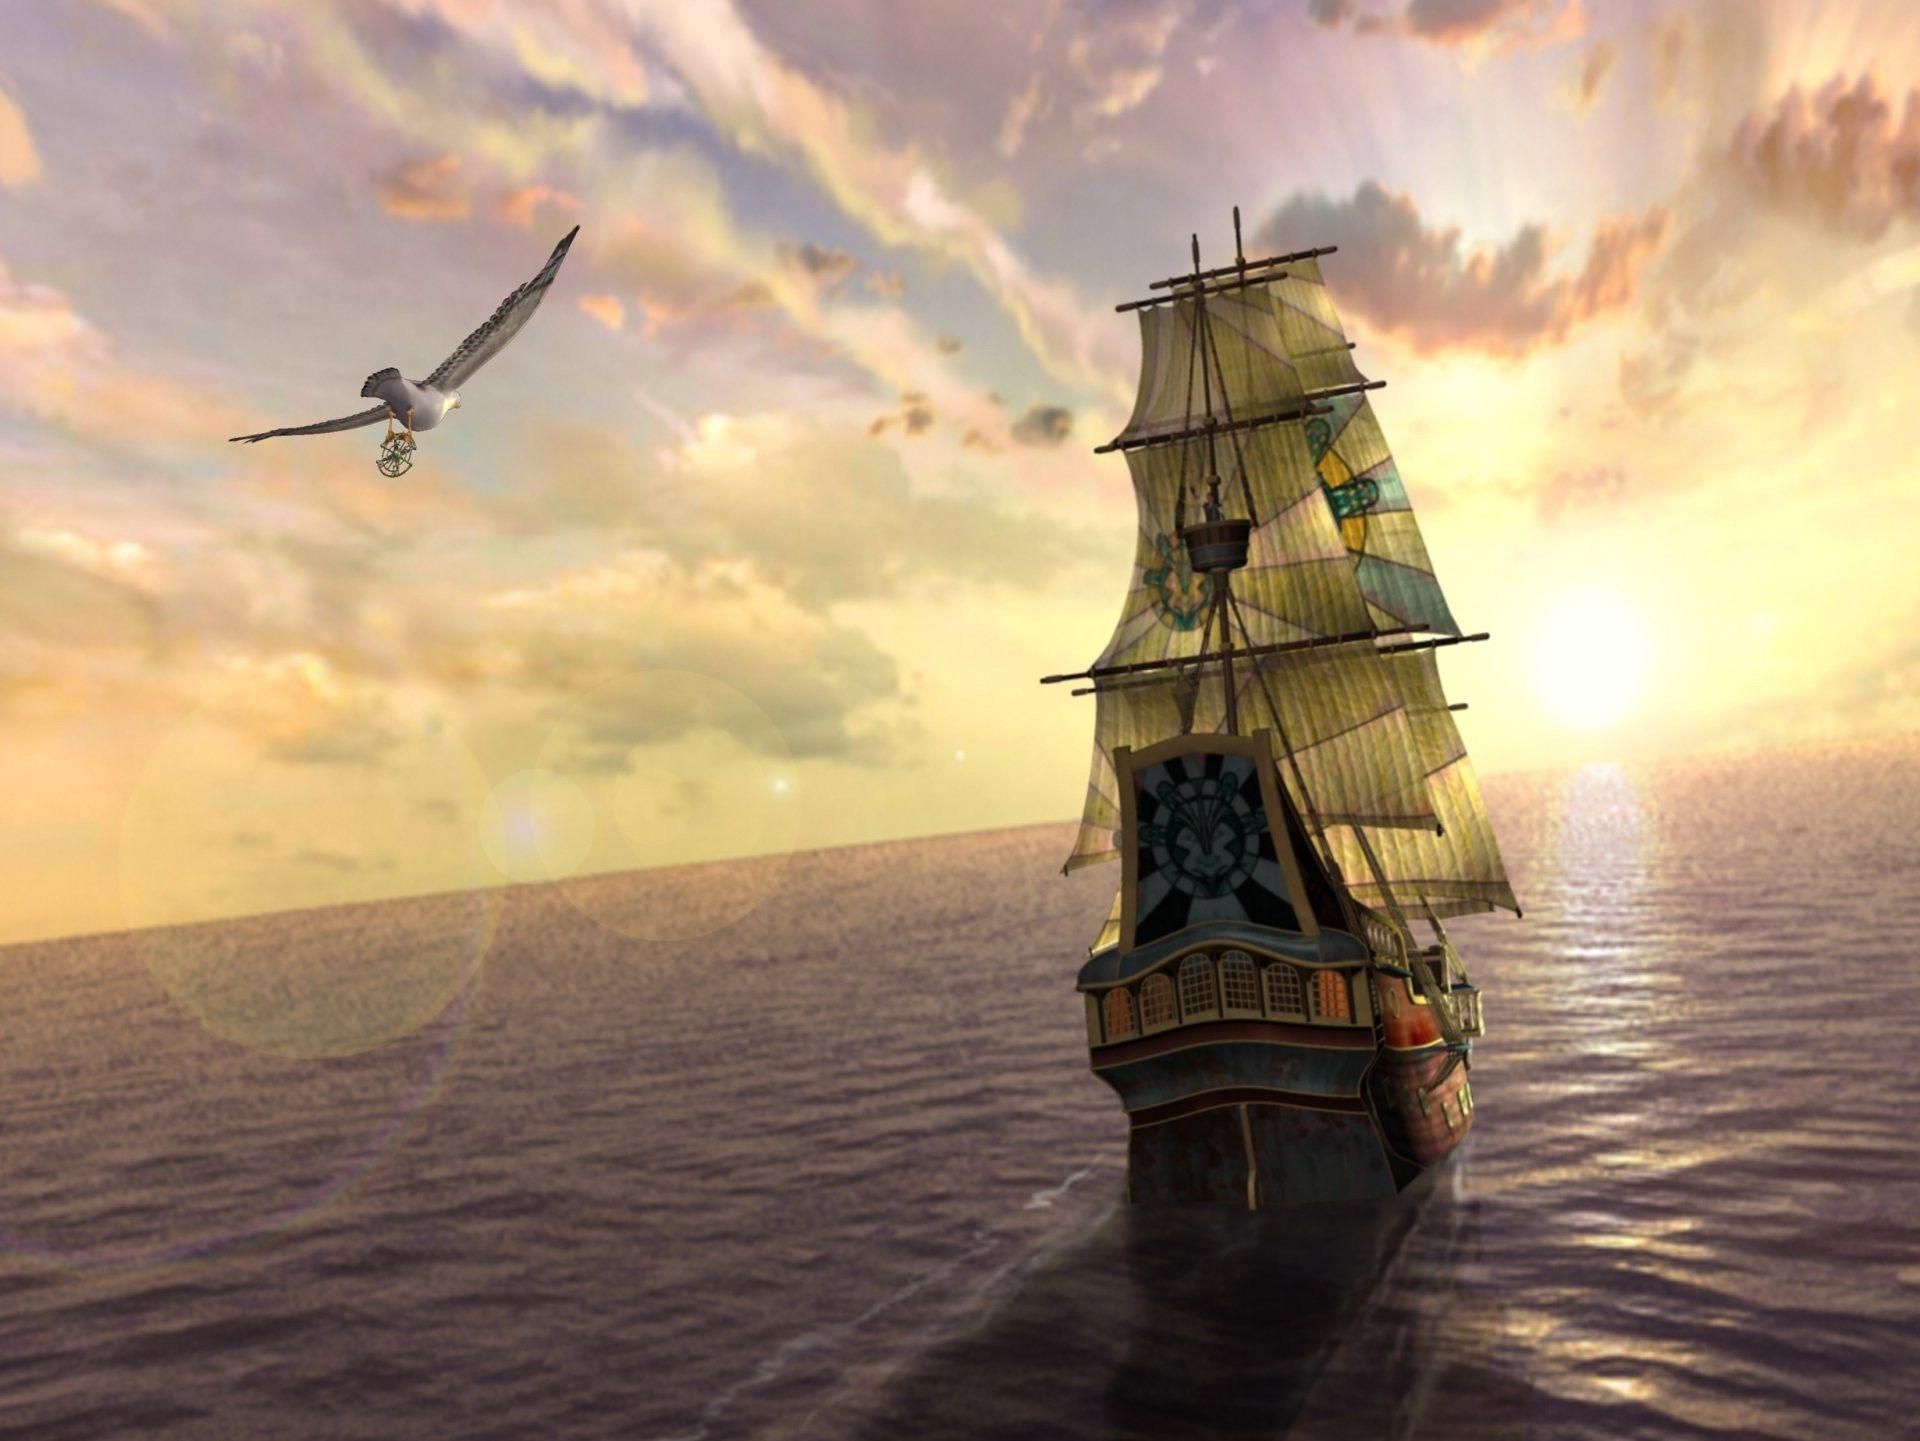 Скачать бесплатно обои для рабочего стола парусные корабли ...